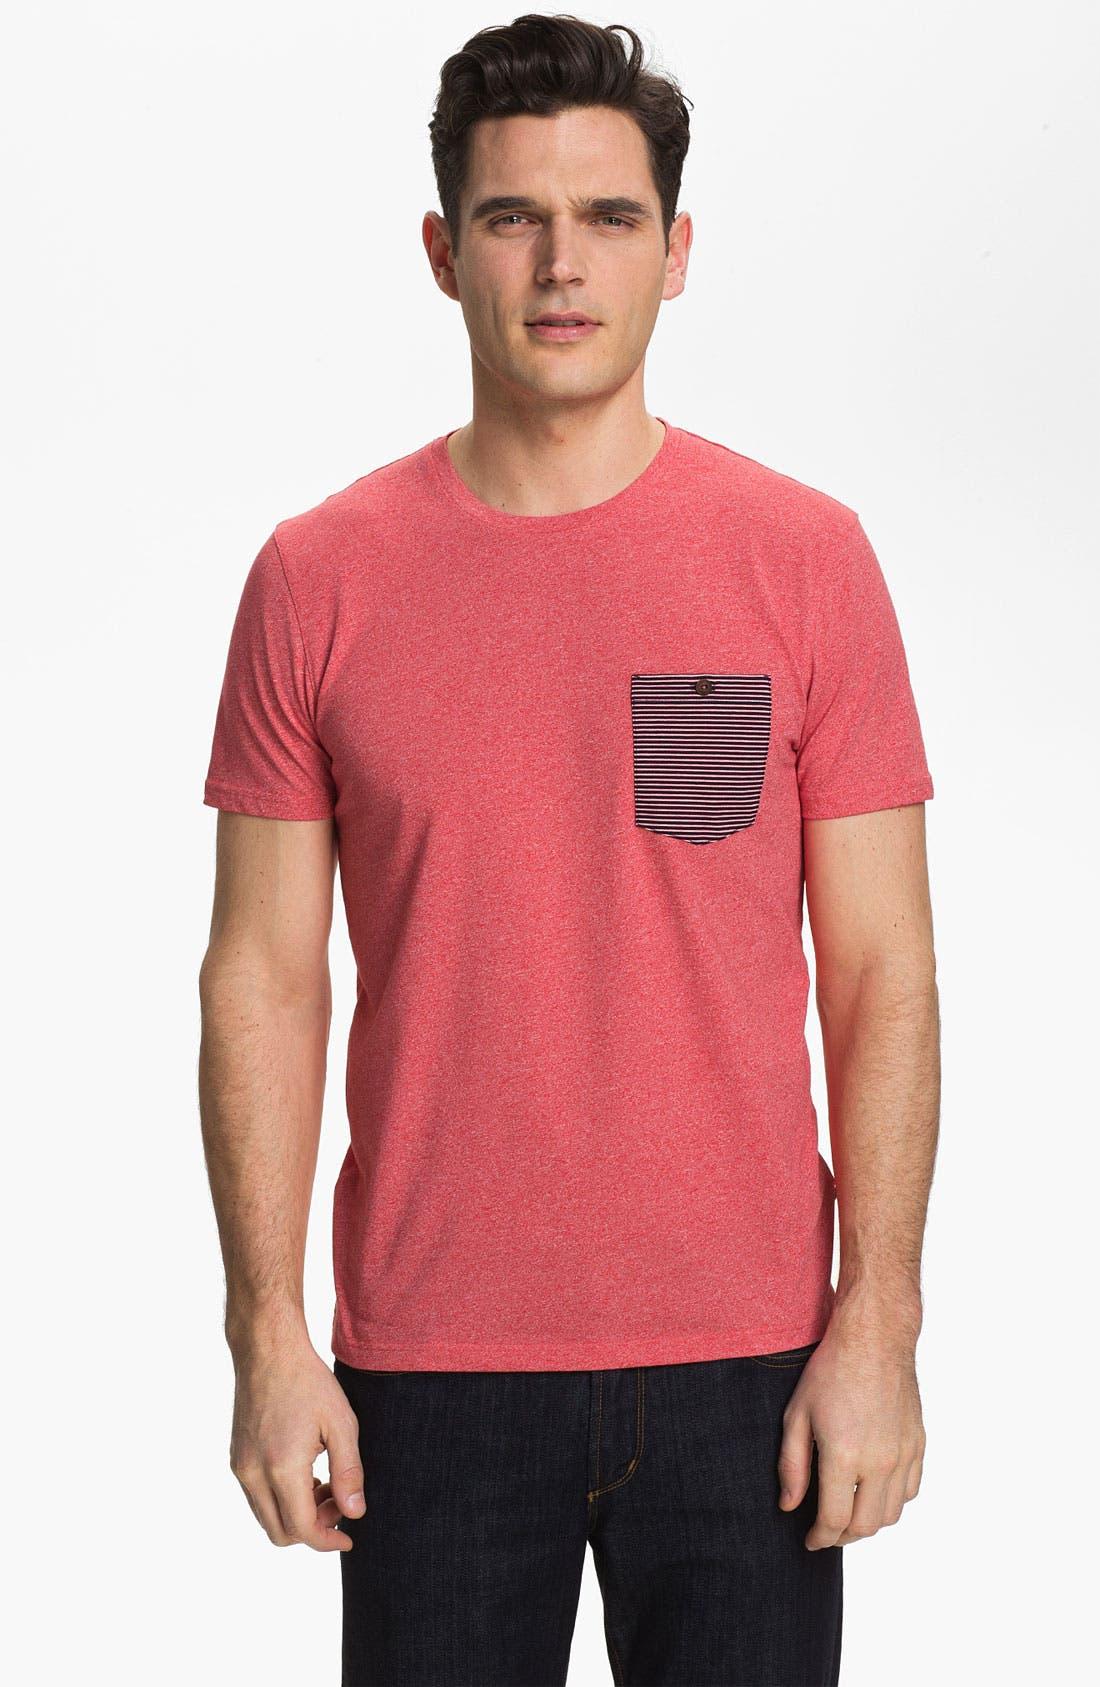 Alternate Image 1 Selected - Ted Baker London 'Driftin' T-Shirt